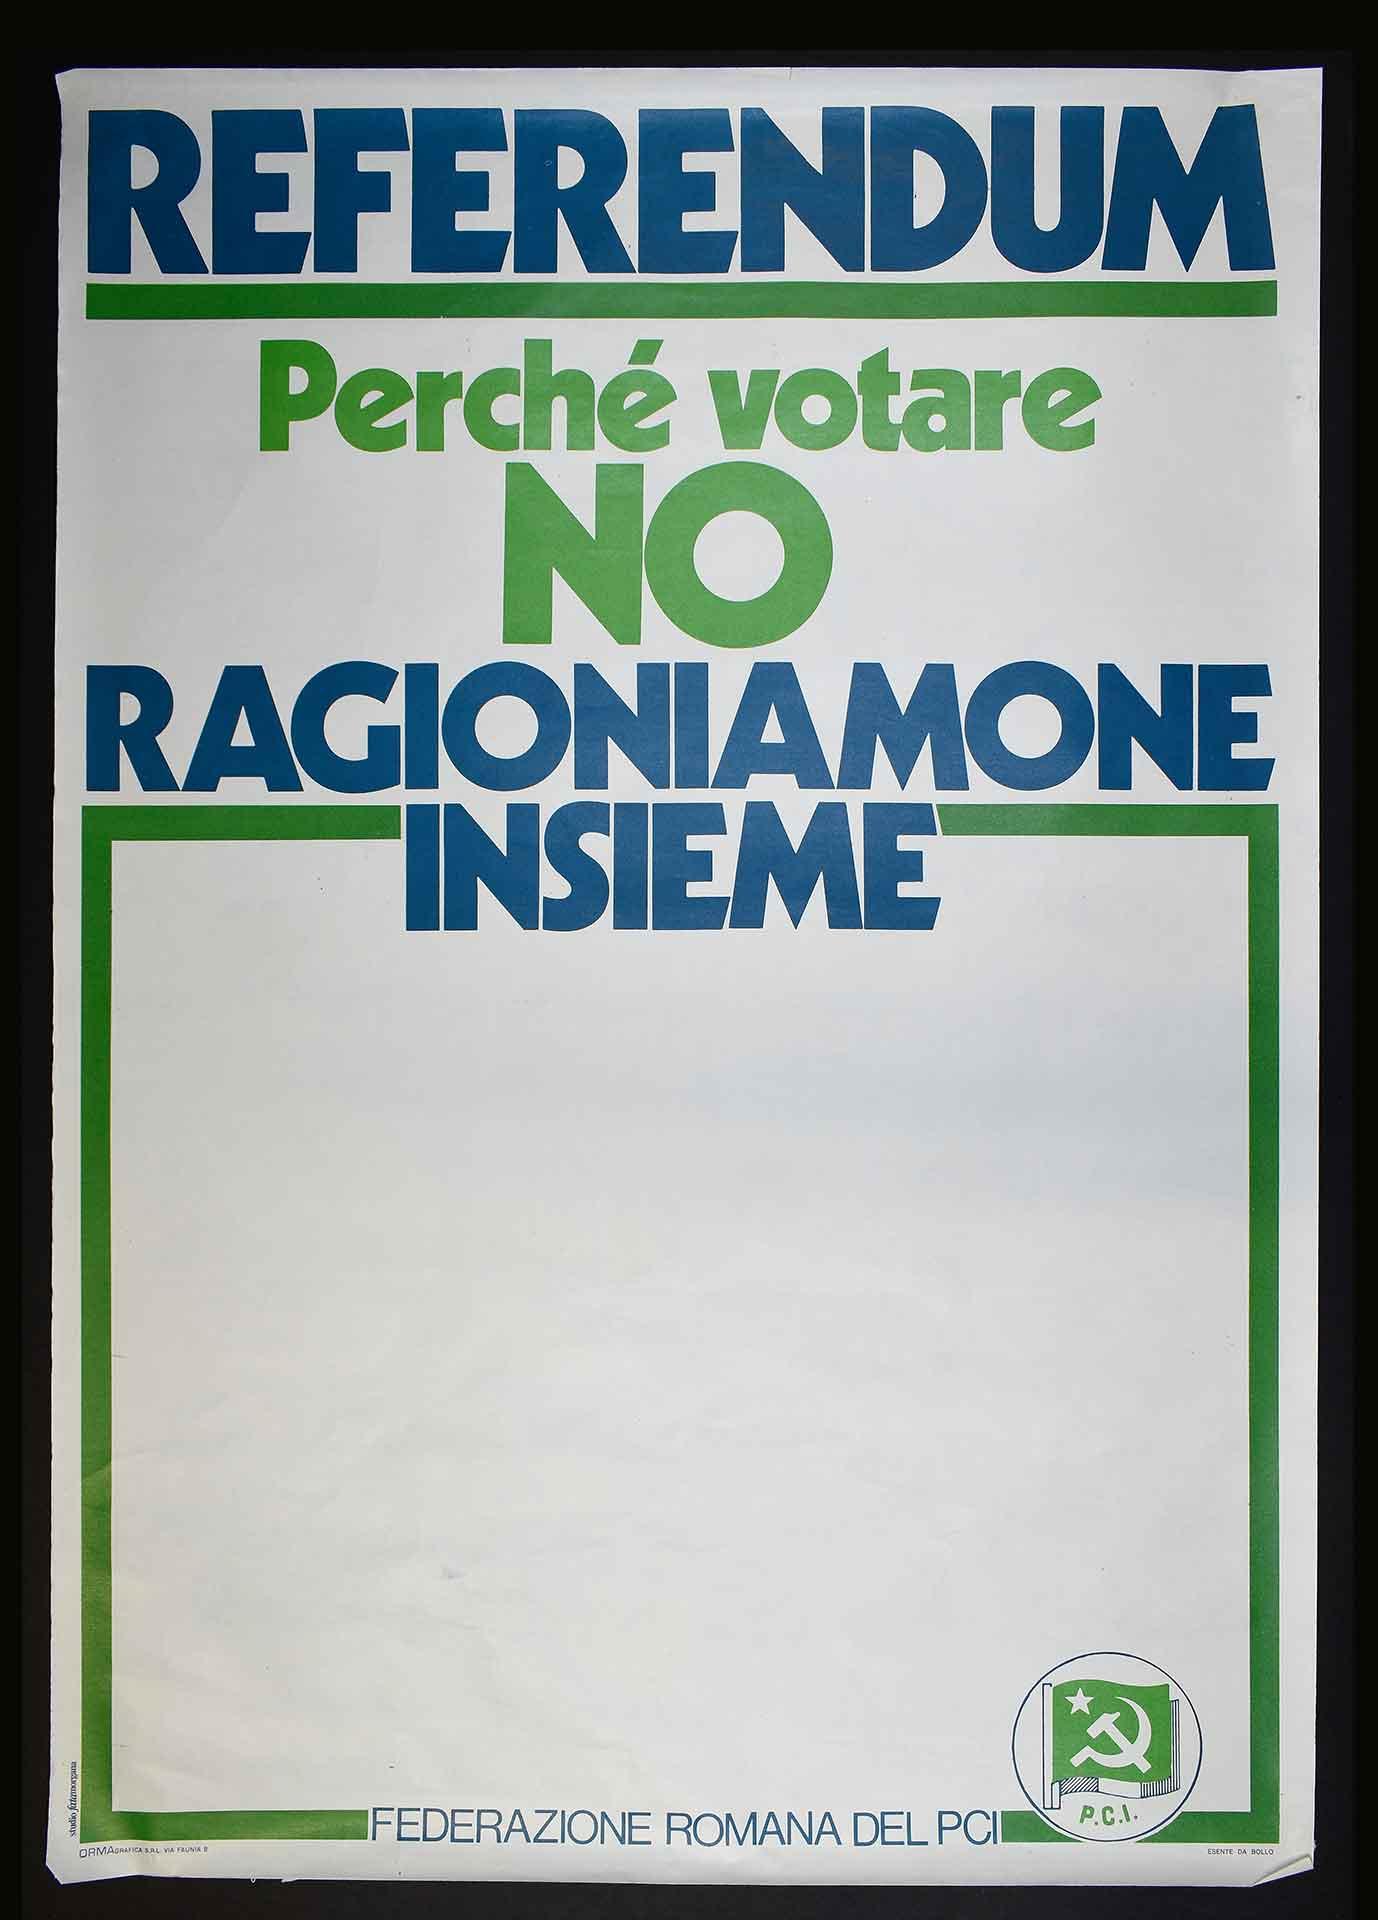 La Federazione romana del Partito comunista italiano (PCI) per il divorzio. Stampa Ormagrafica, Roma. Studio grafico Fatamorgana. Campagna referendaria.